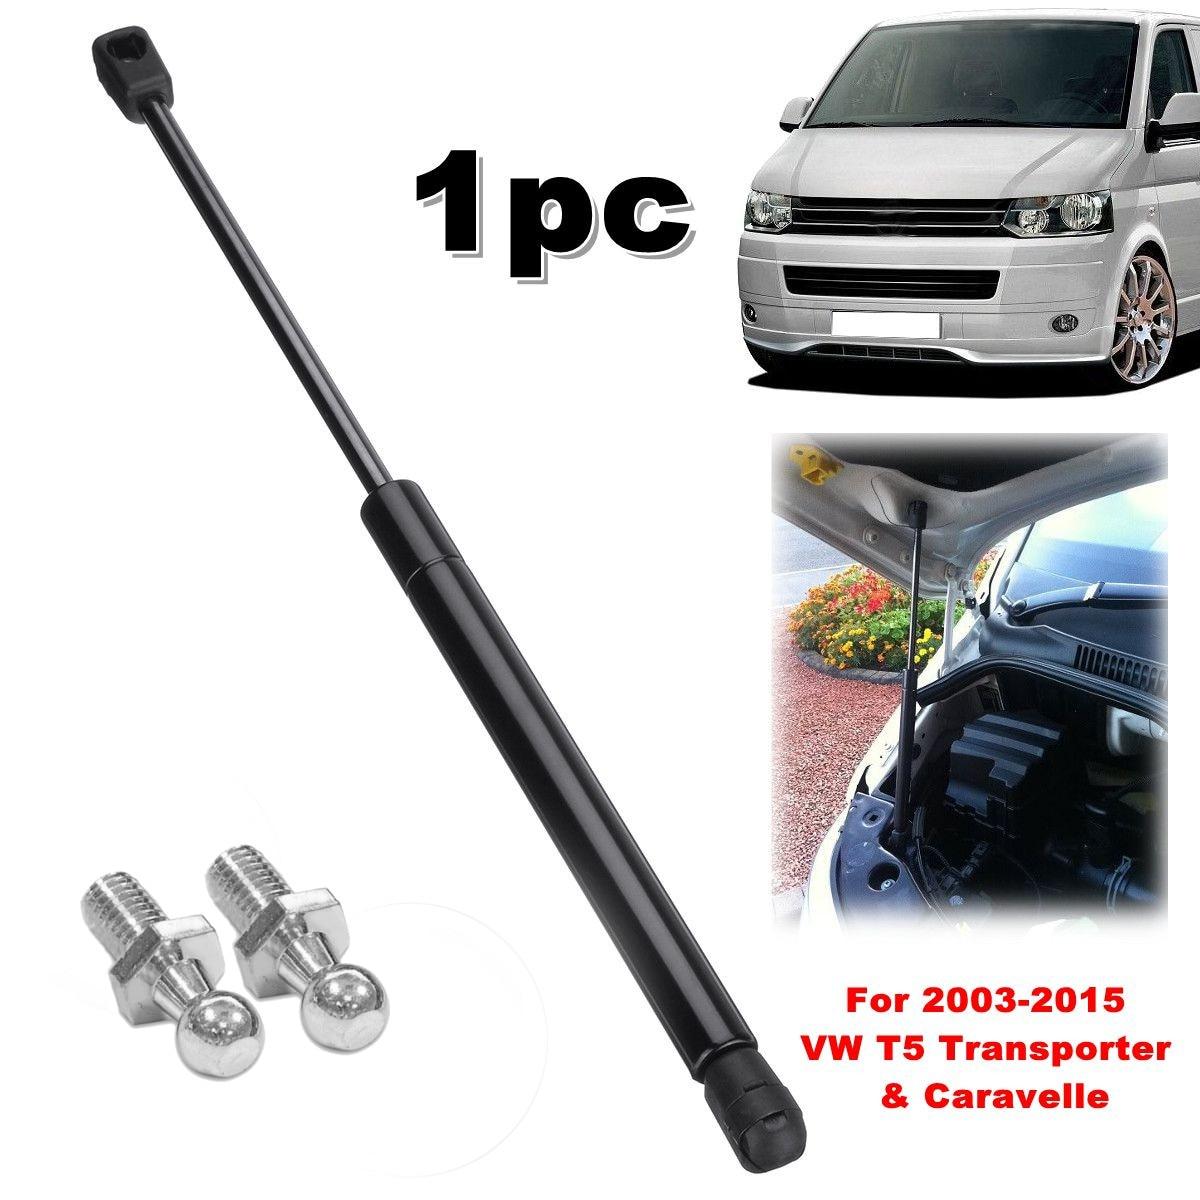 1Pc przednia maska kaptur wsparcie amortyzator gazowy 7E0823359 dla Volkswagen VW T5 Transporter Caravelle 2003 2004 2005 2006 2007-2015